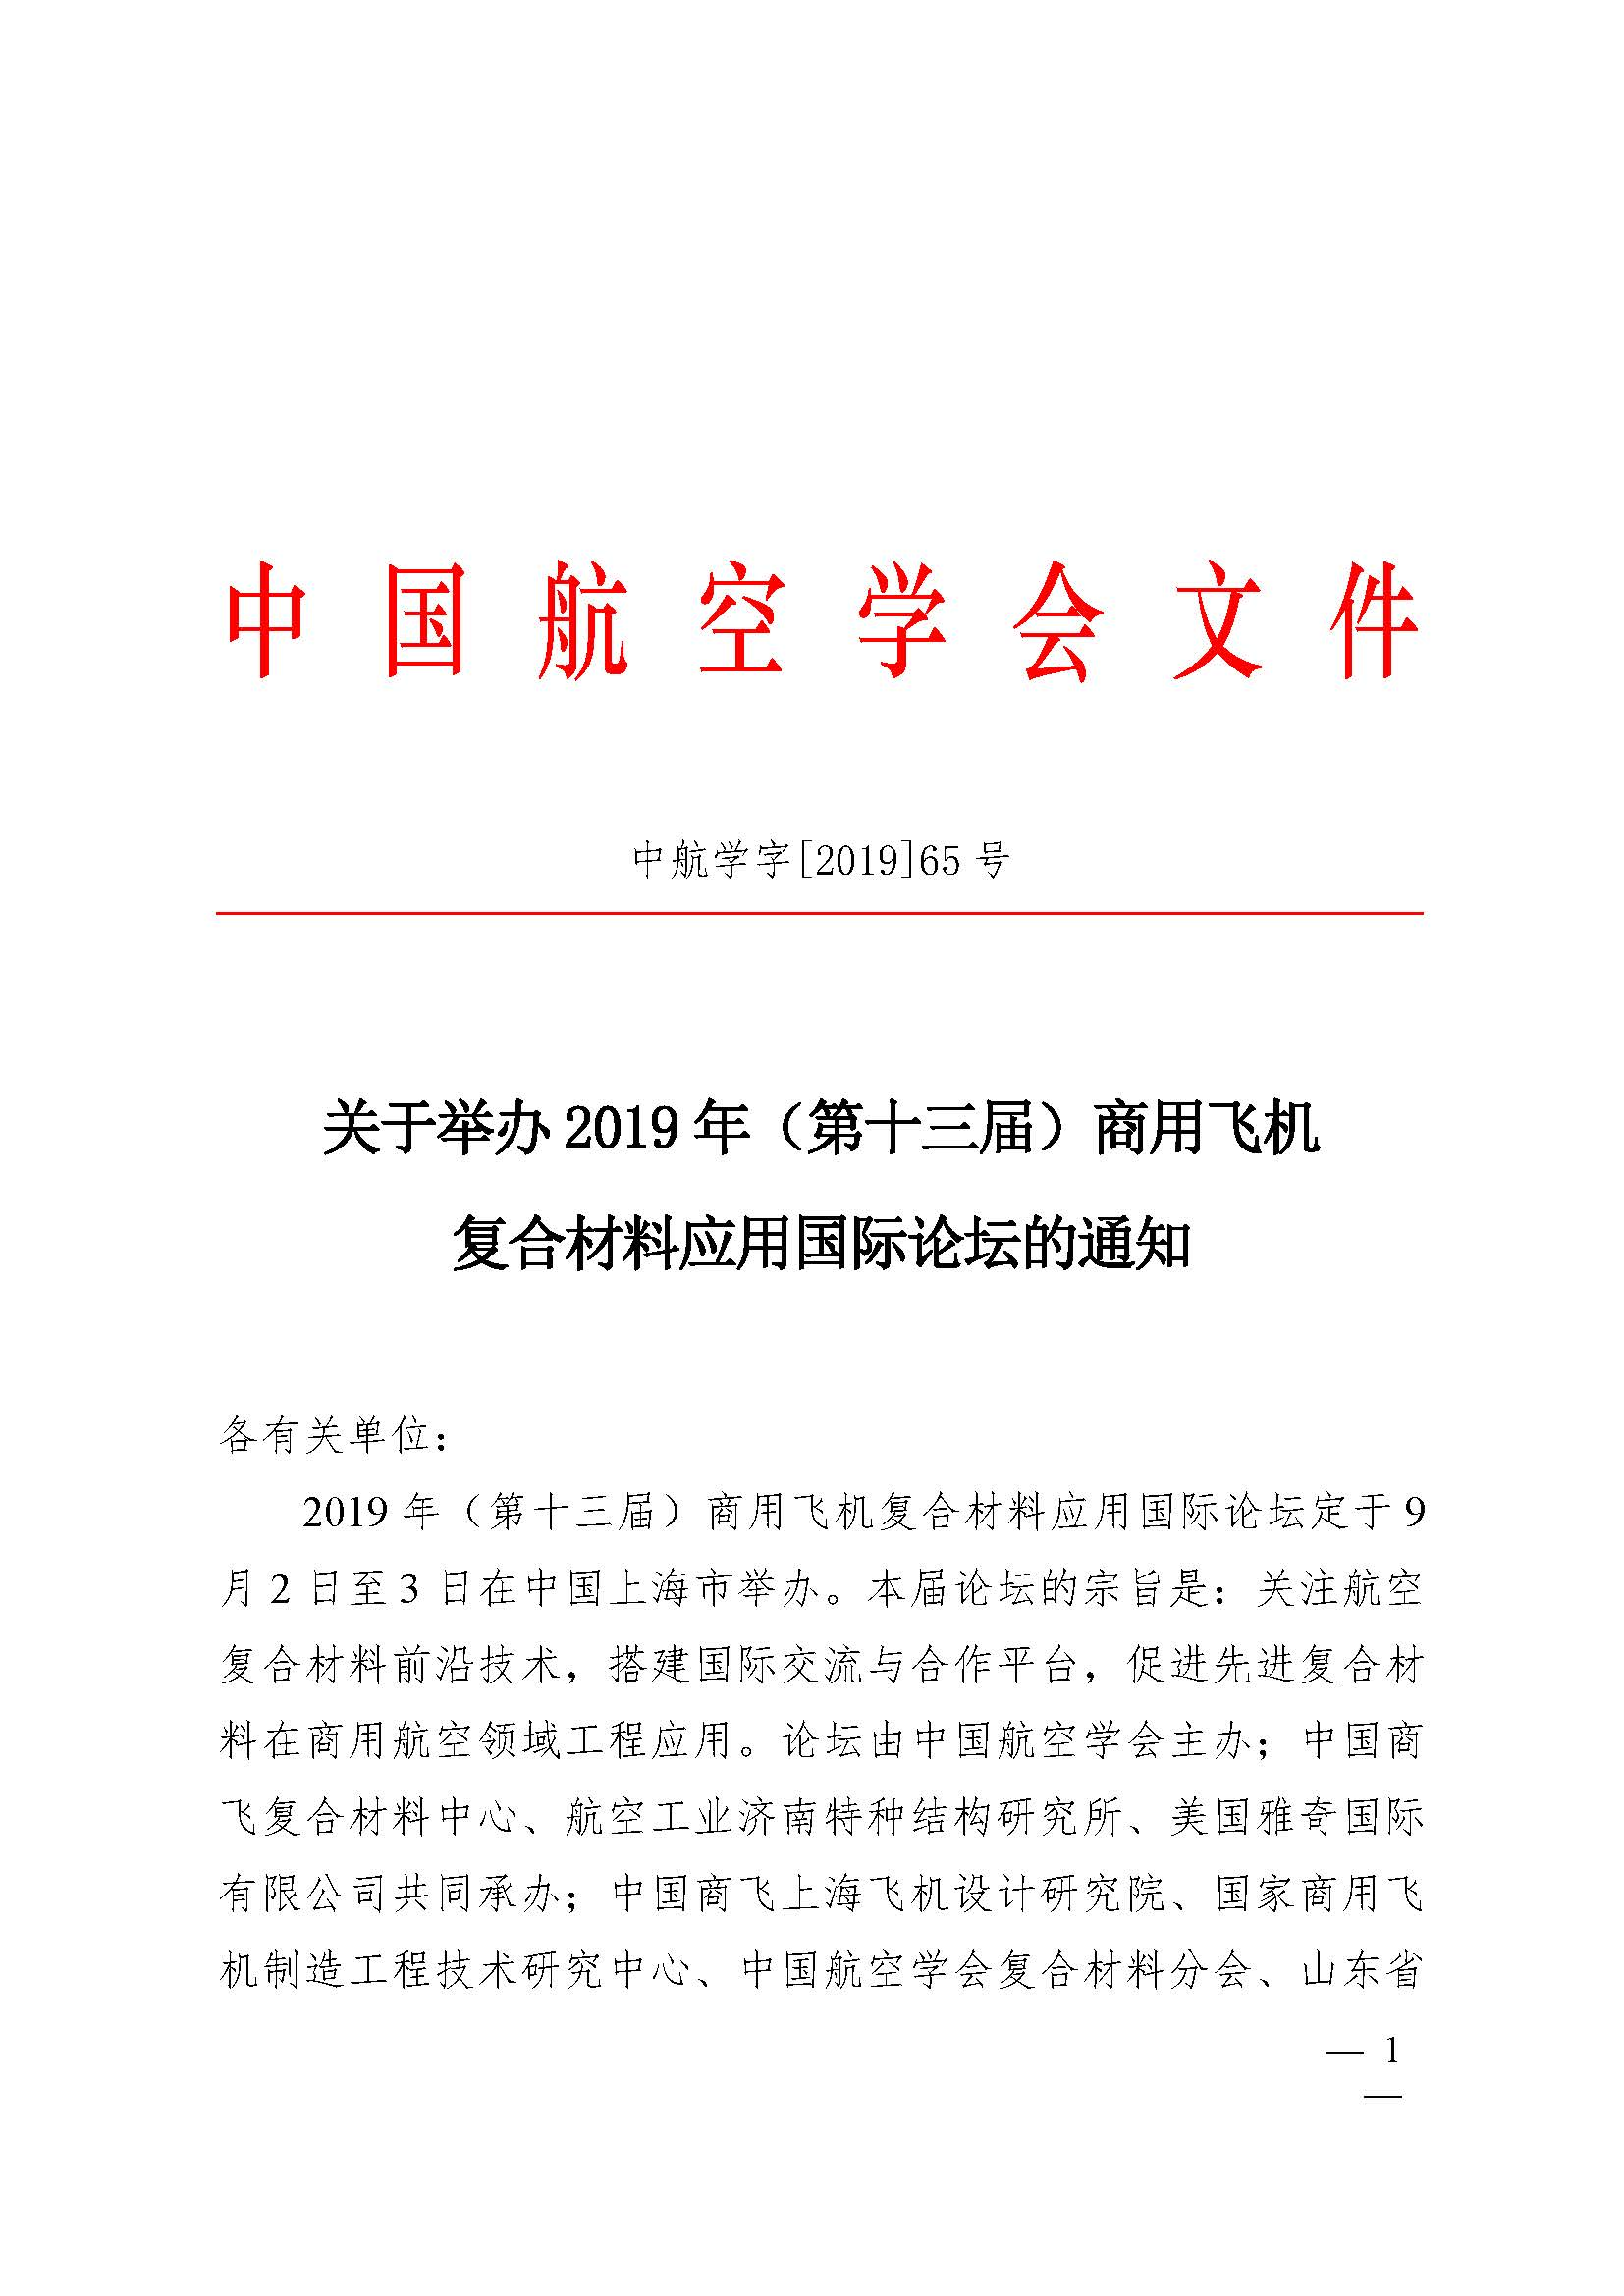 2019商用飞机复合材料论坛-会议通知_页面_1